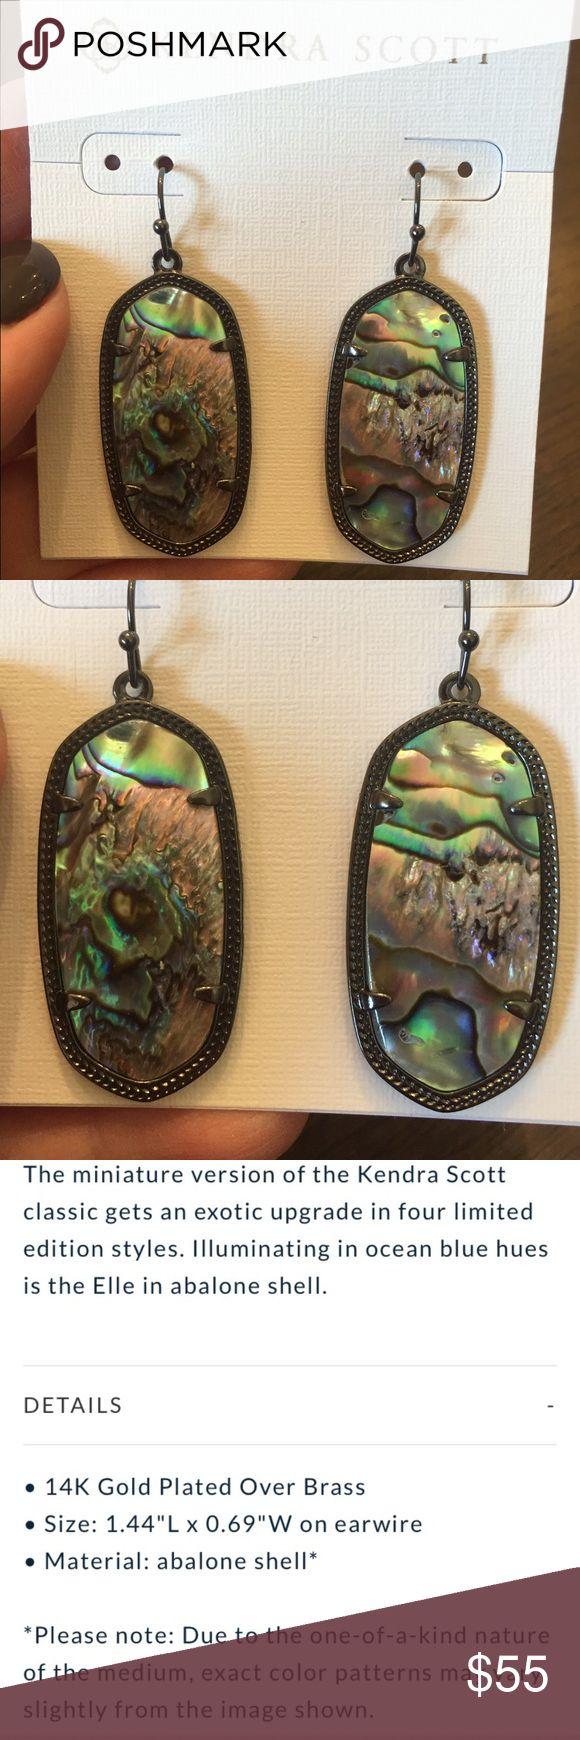 Kendra Scott Elle Earrings In Gunmetal & Abalone Kendra Scott Elle Earrings In Gunmetal & Abalone Shell. NWT Kendra Scott Jewelry Earrings